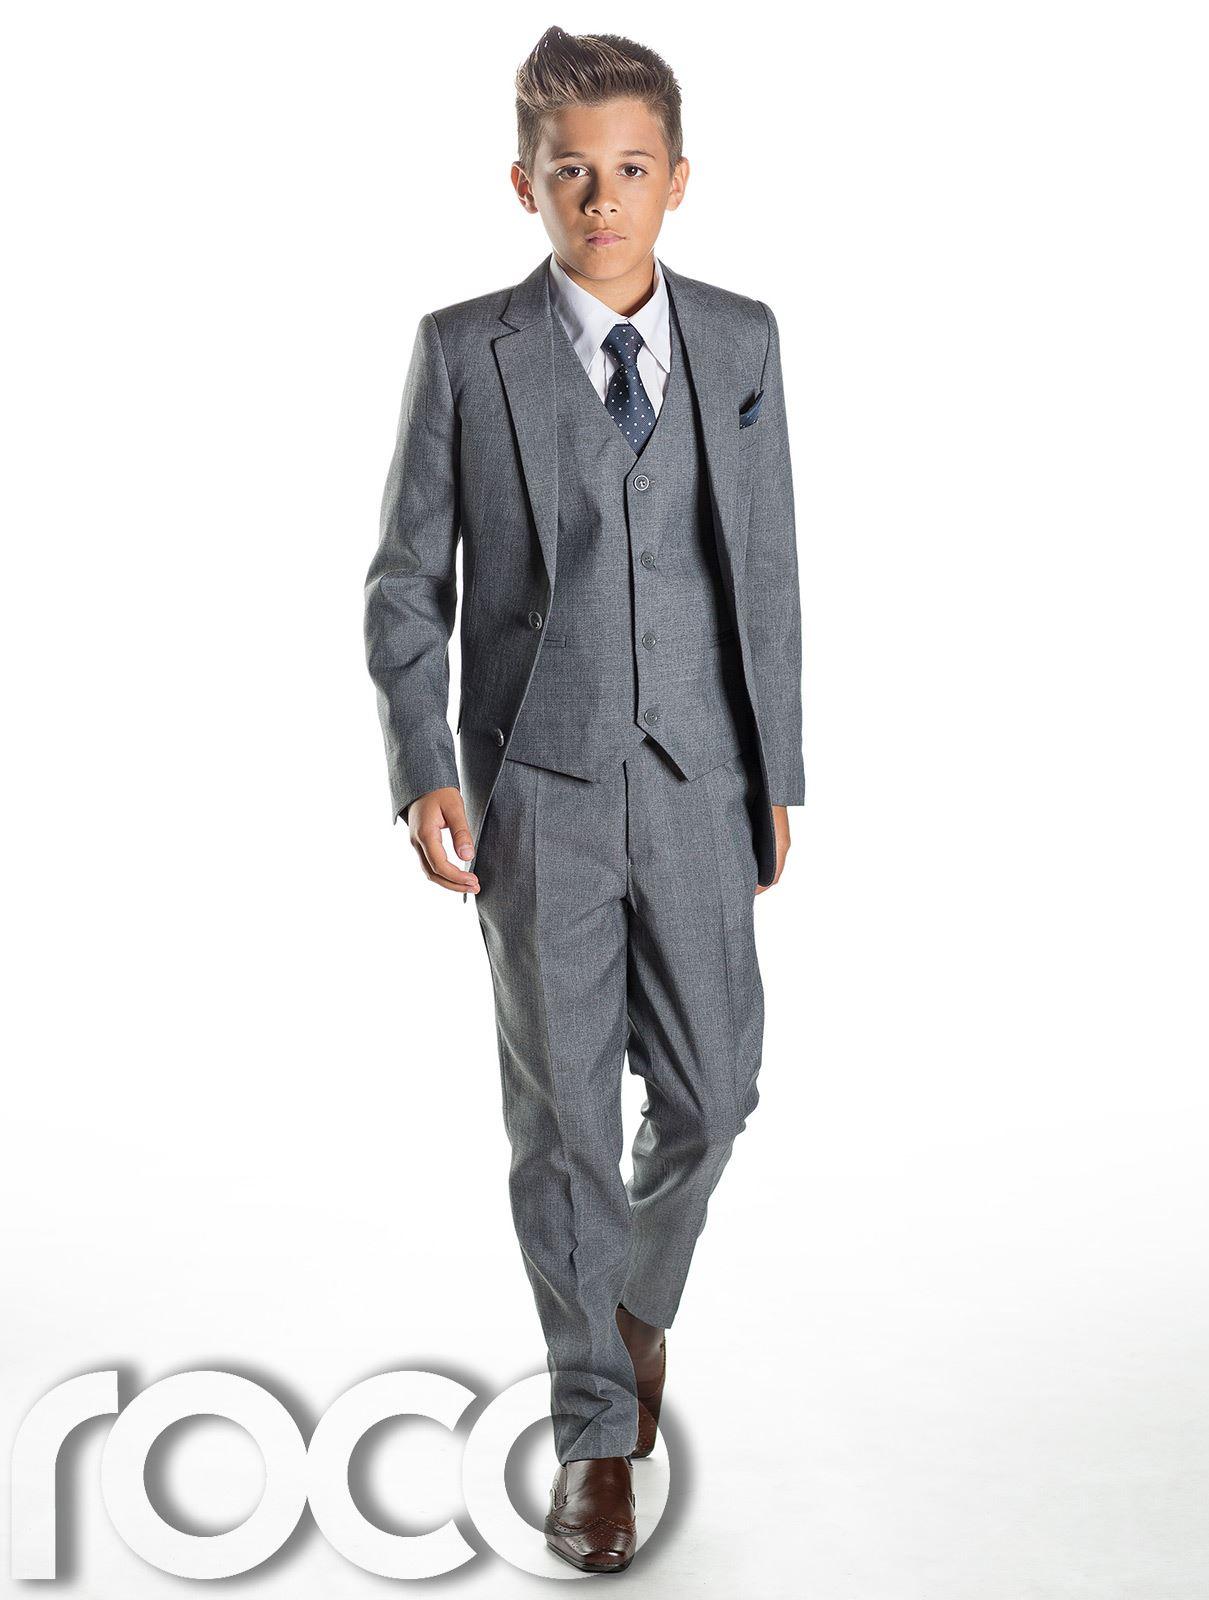 boys suit boys-slim-fit-suit-navy-suit-grey-suit- fkcjlmp